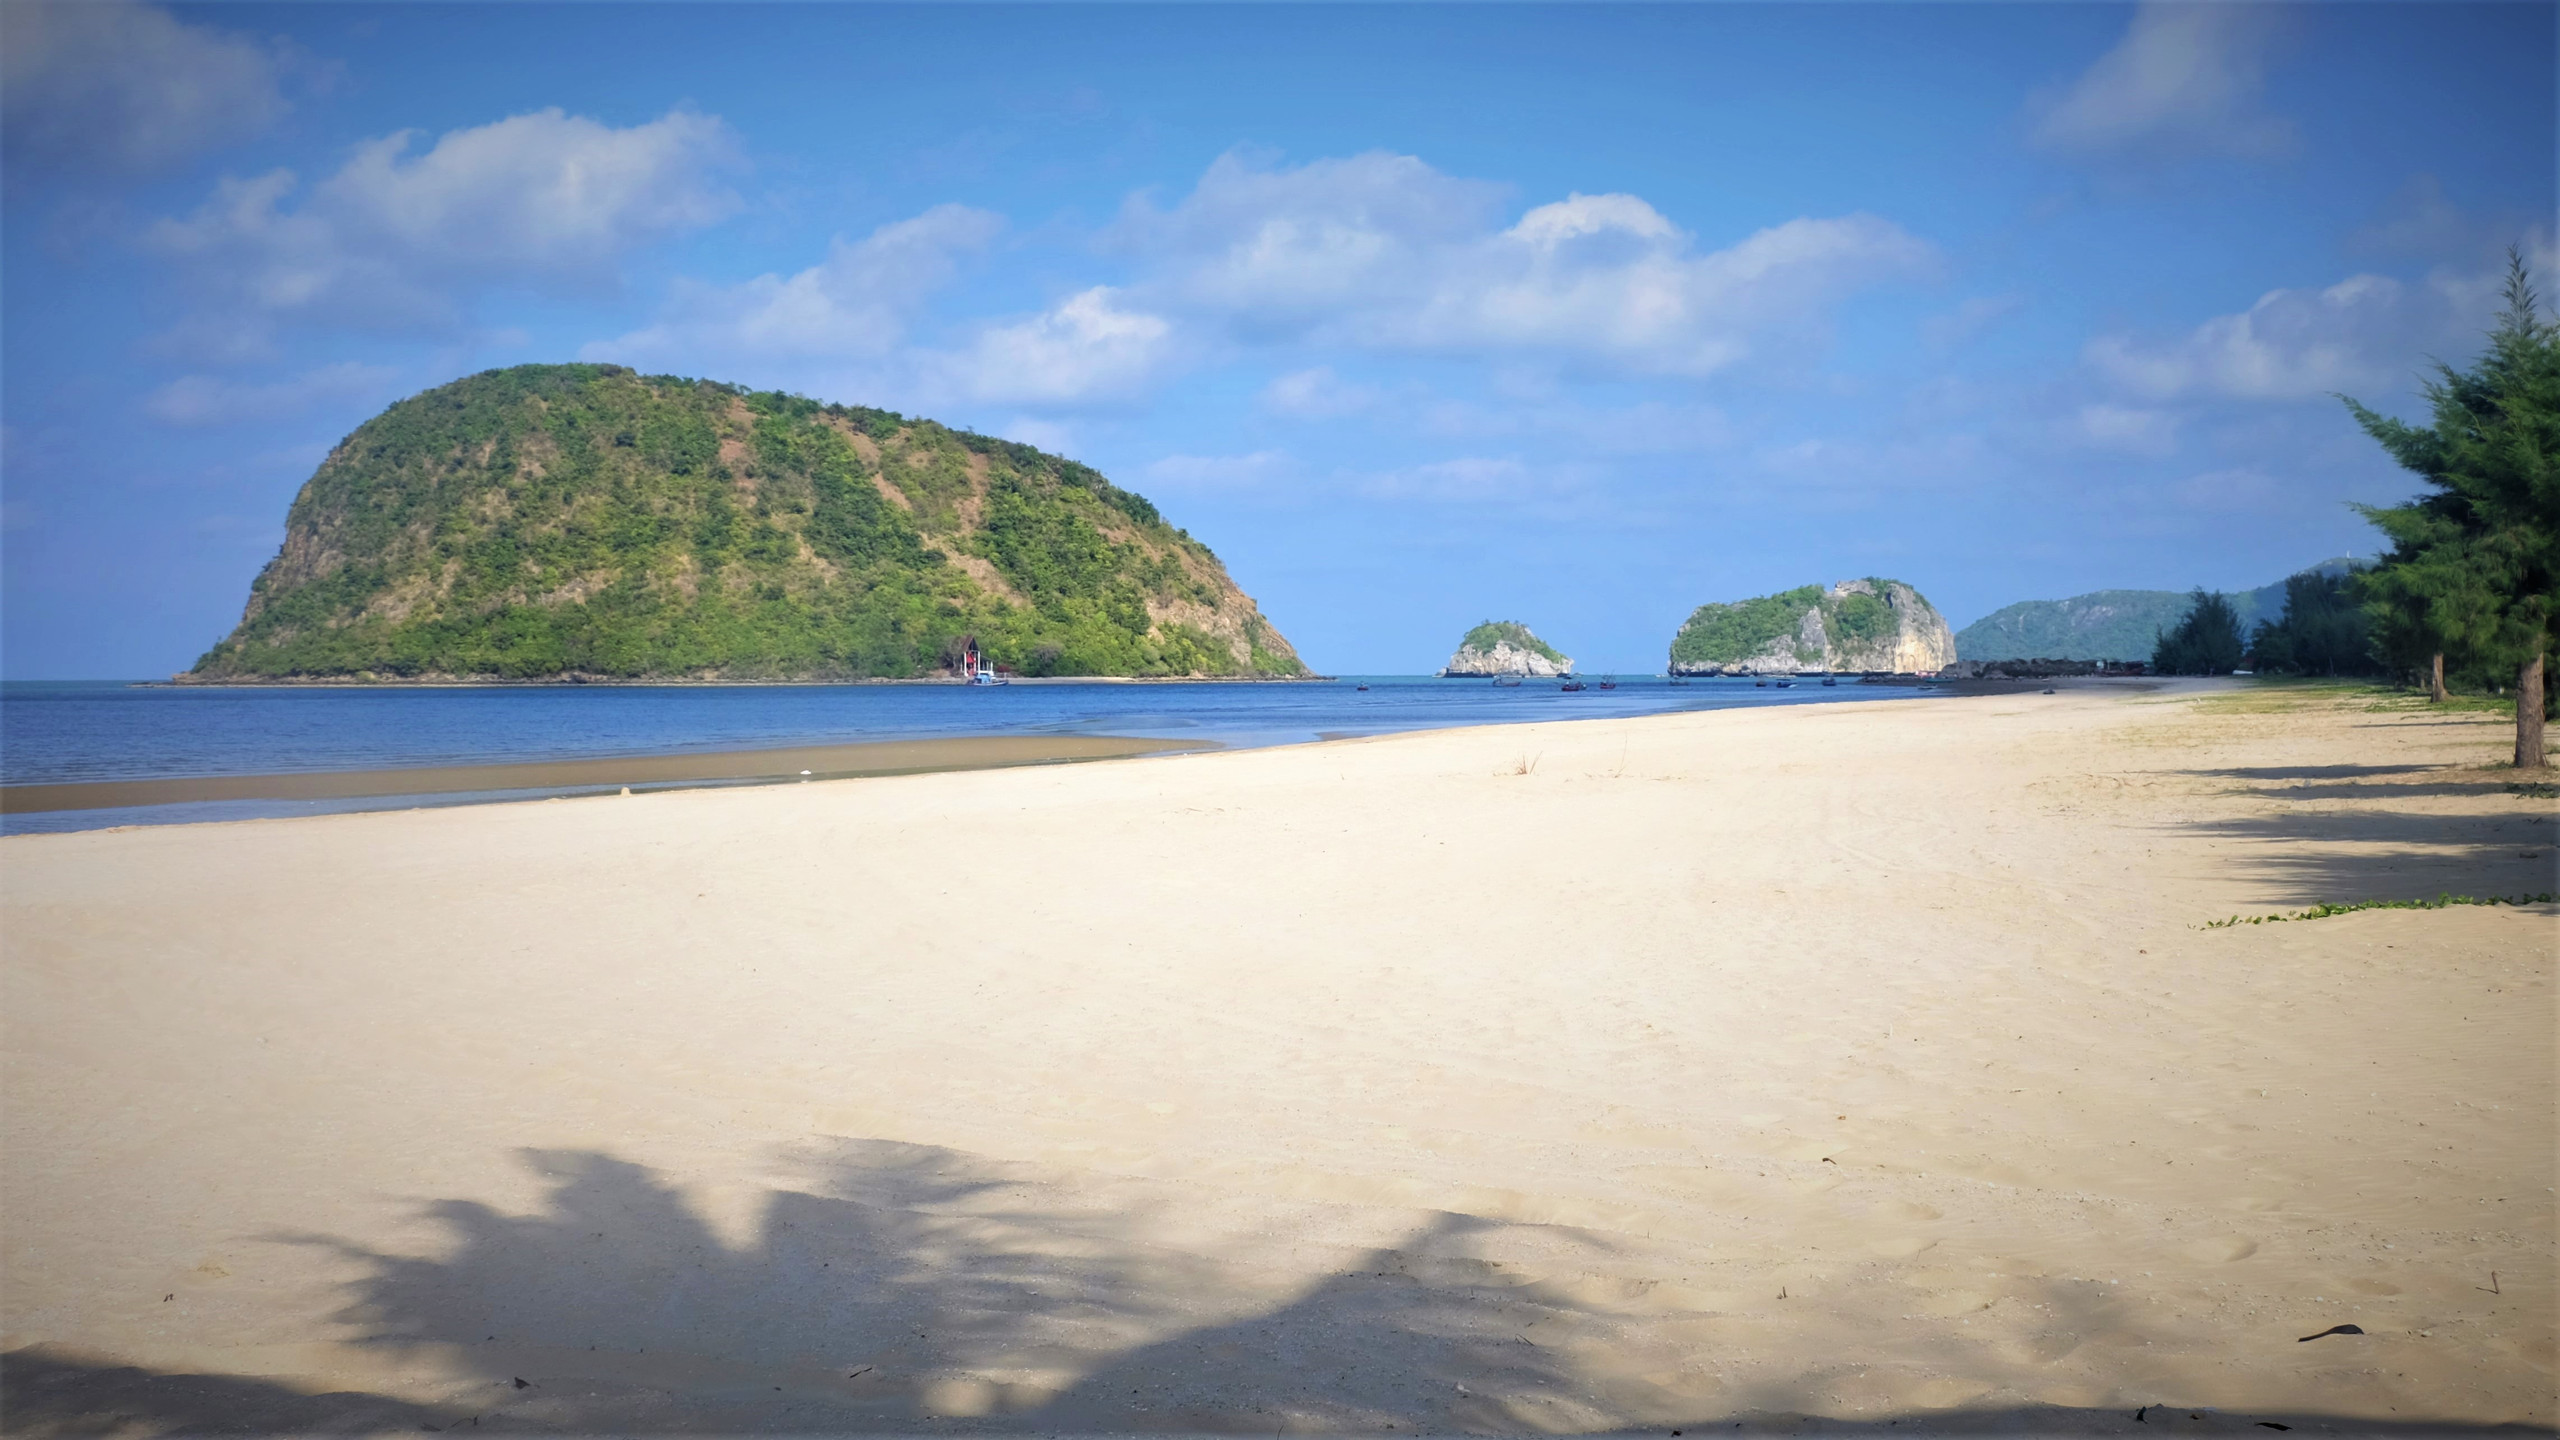 Les plages s'enchaînent toutes aussi paradisiaques les une que les autres.